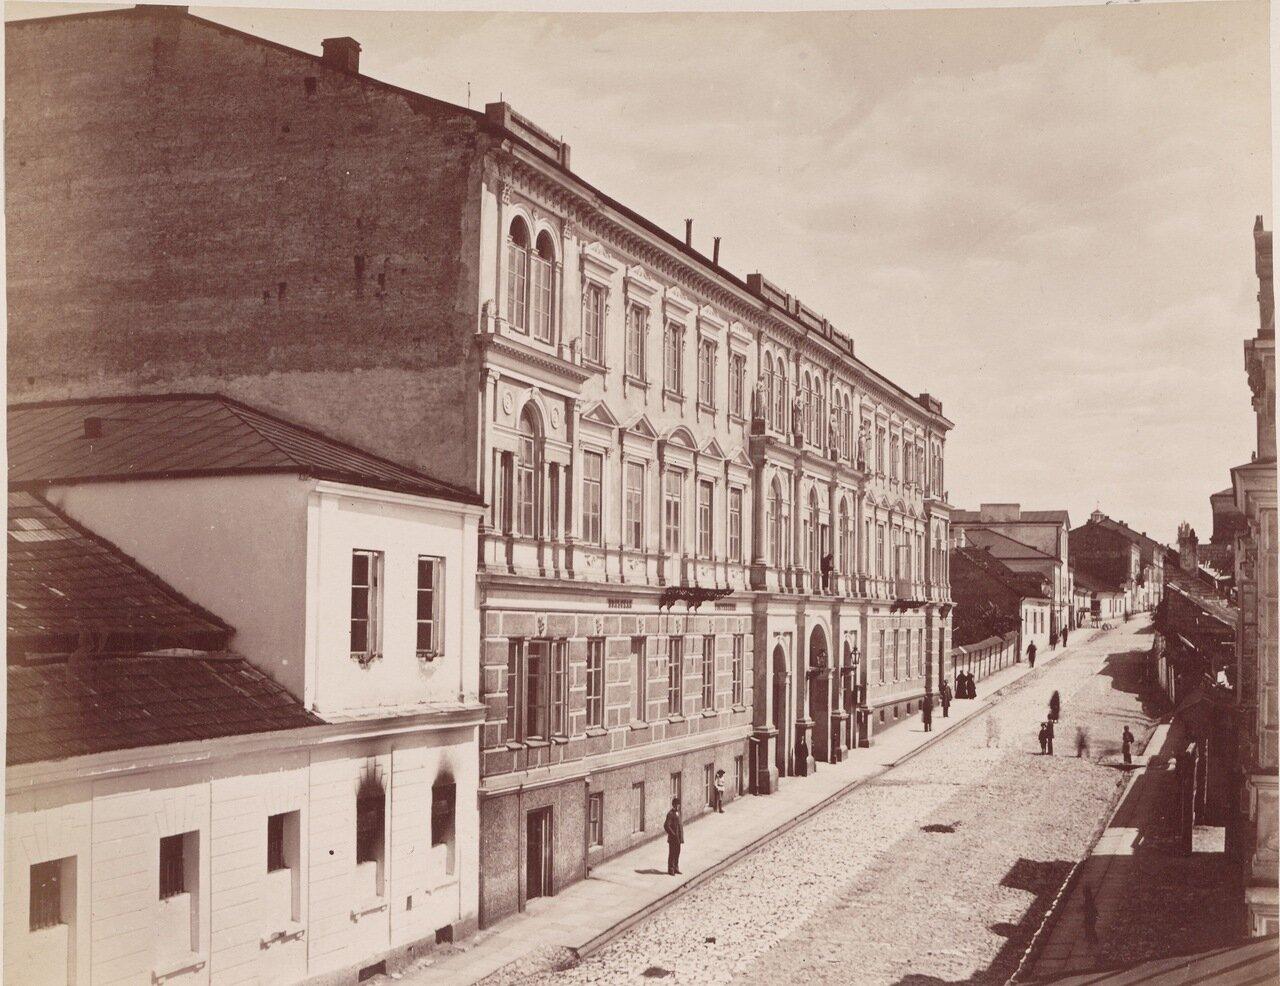 Гостиница «Польская» и театр Людвига в Кельце